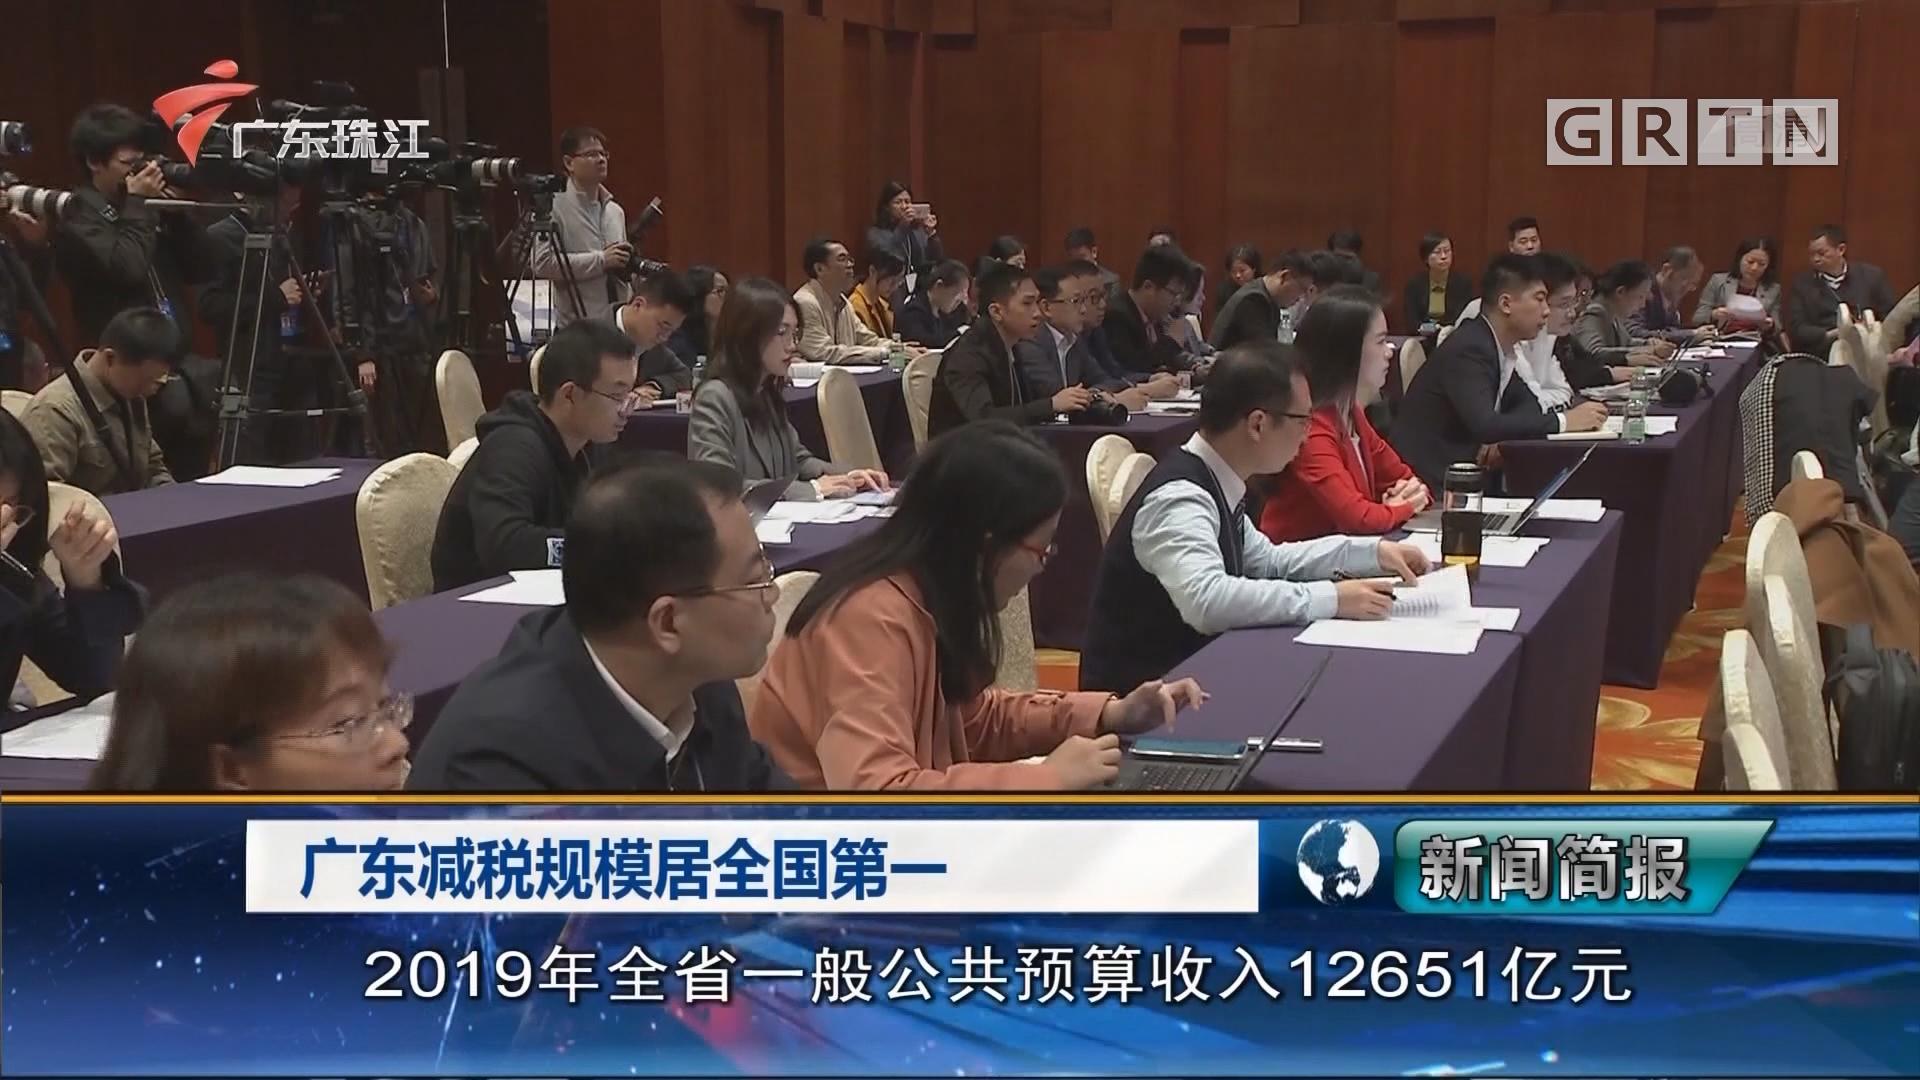 广东减税规模居全国第一